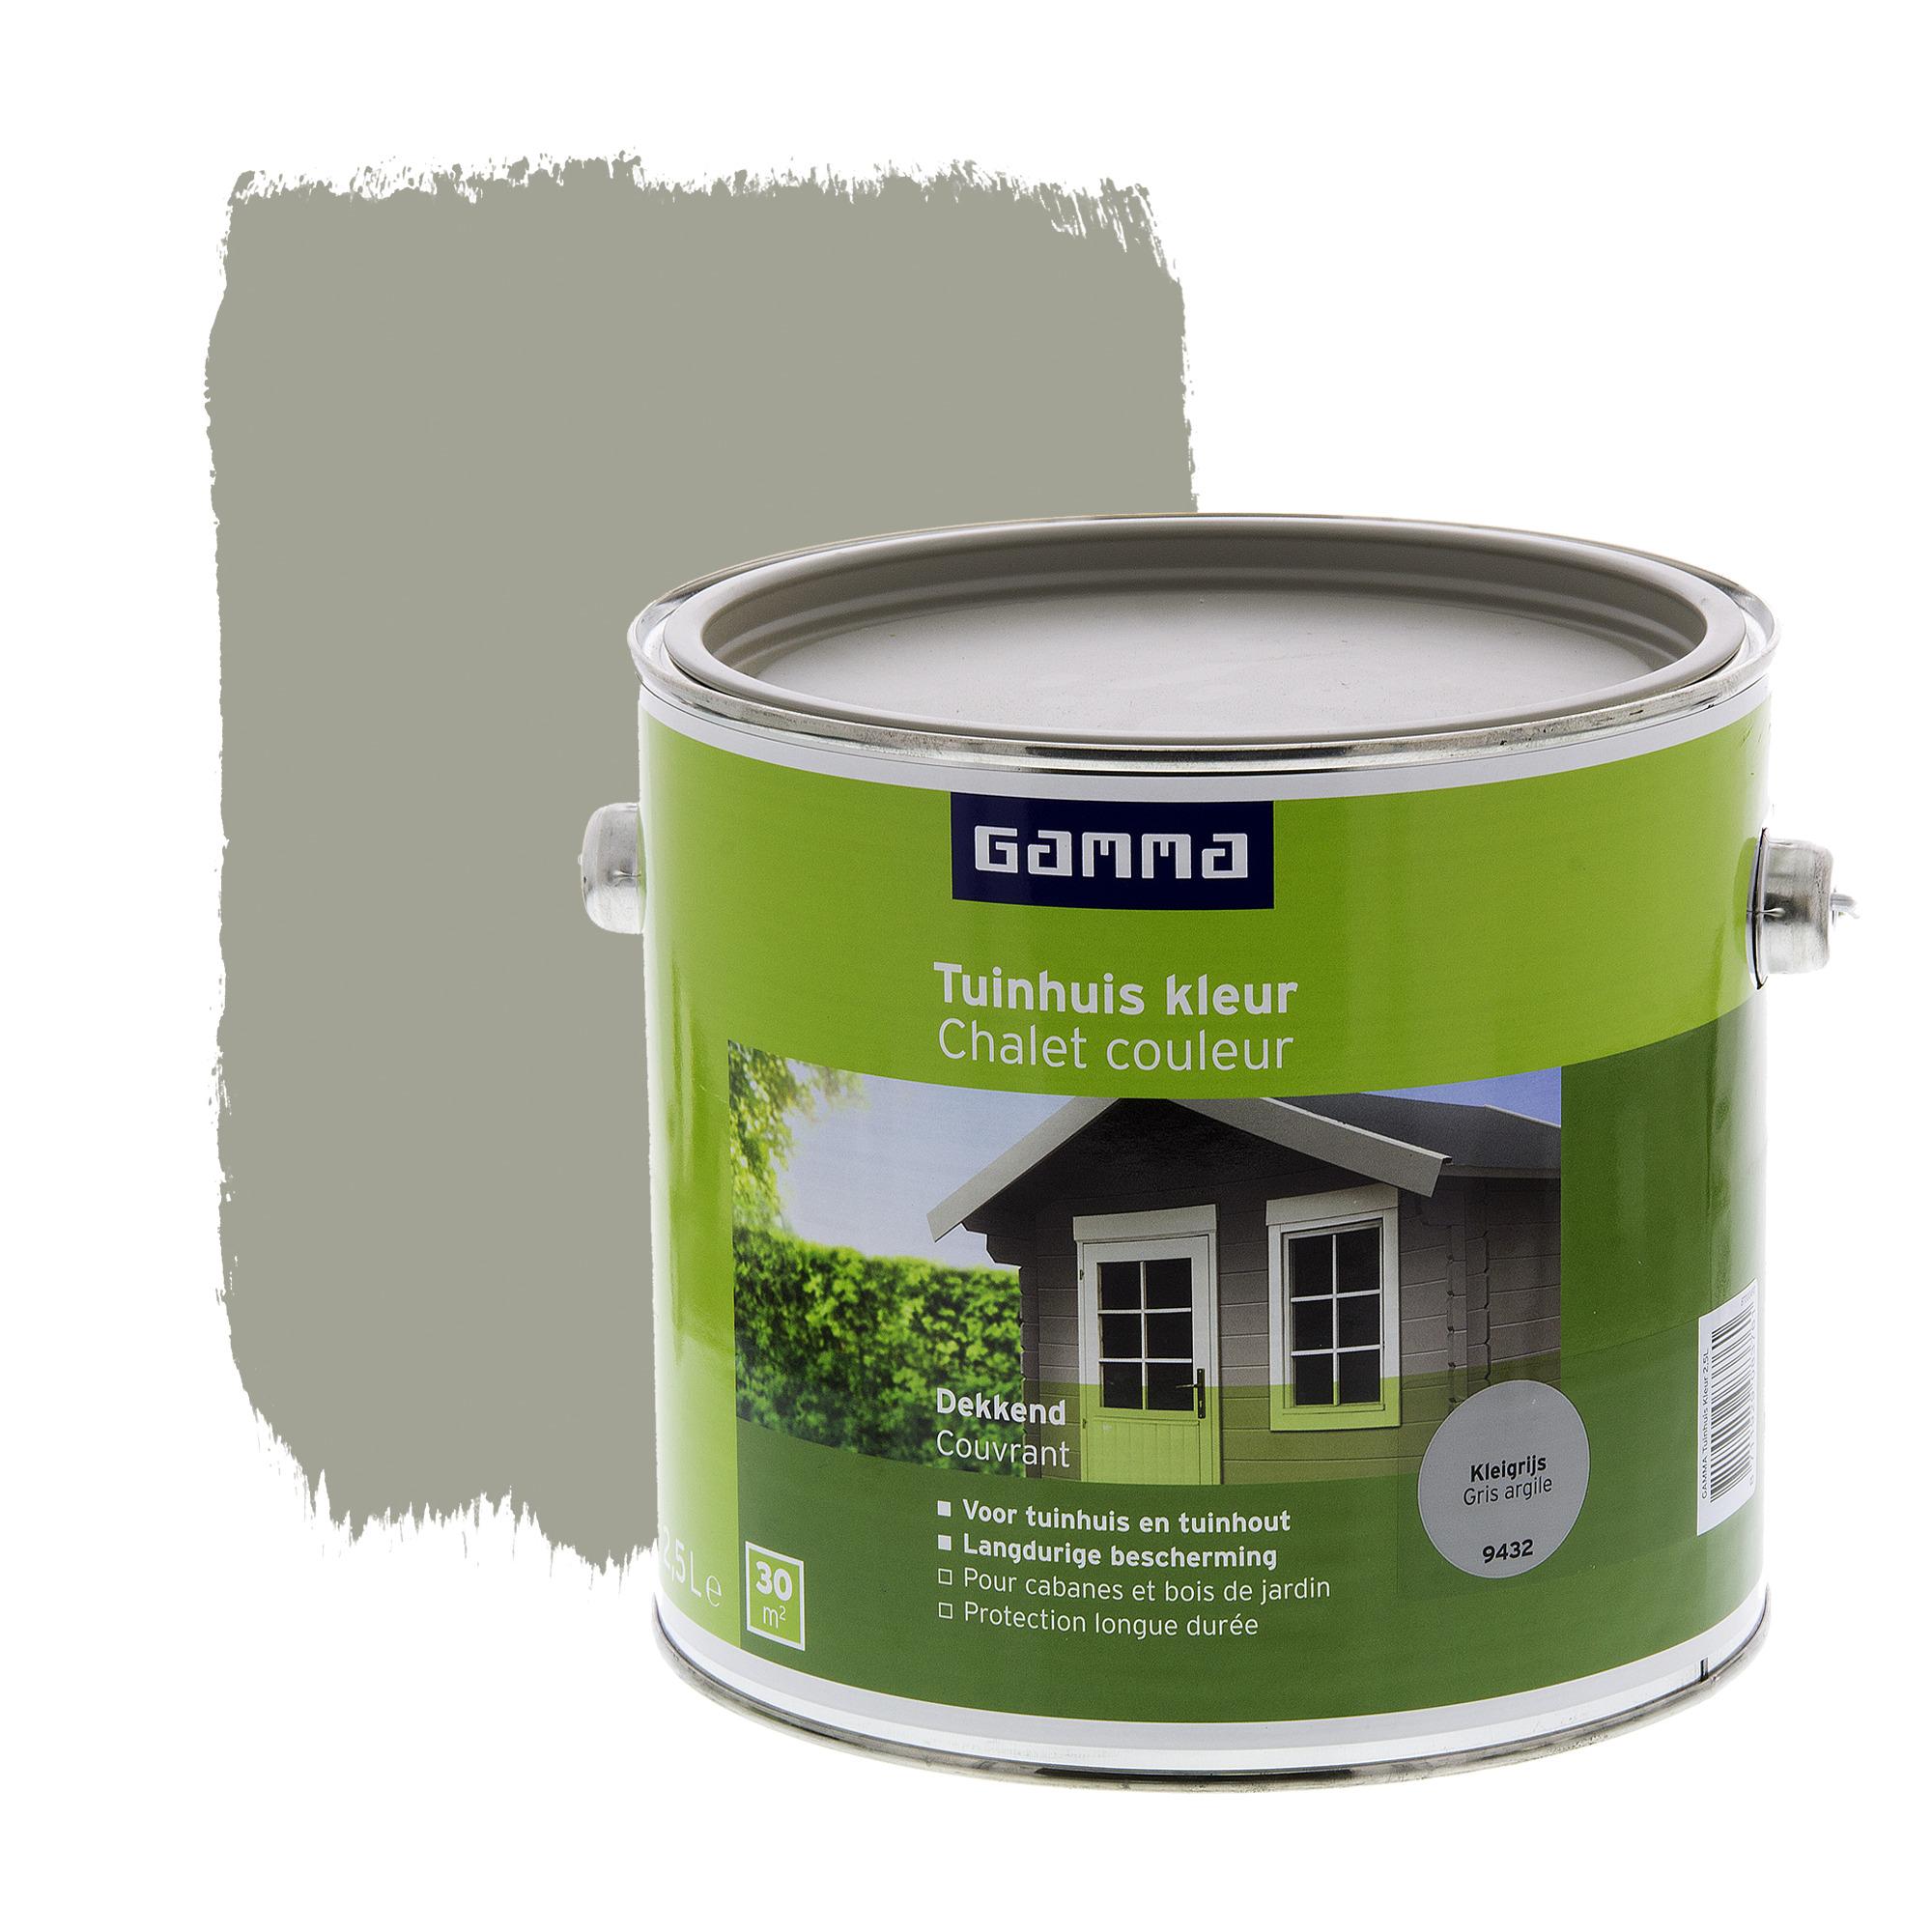 lasure chalet couleur gamma satin gris argile 2 5 l vernis huiles lasures papier peint. Black Bedroom Furniture Sets. Home Design Ideas